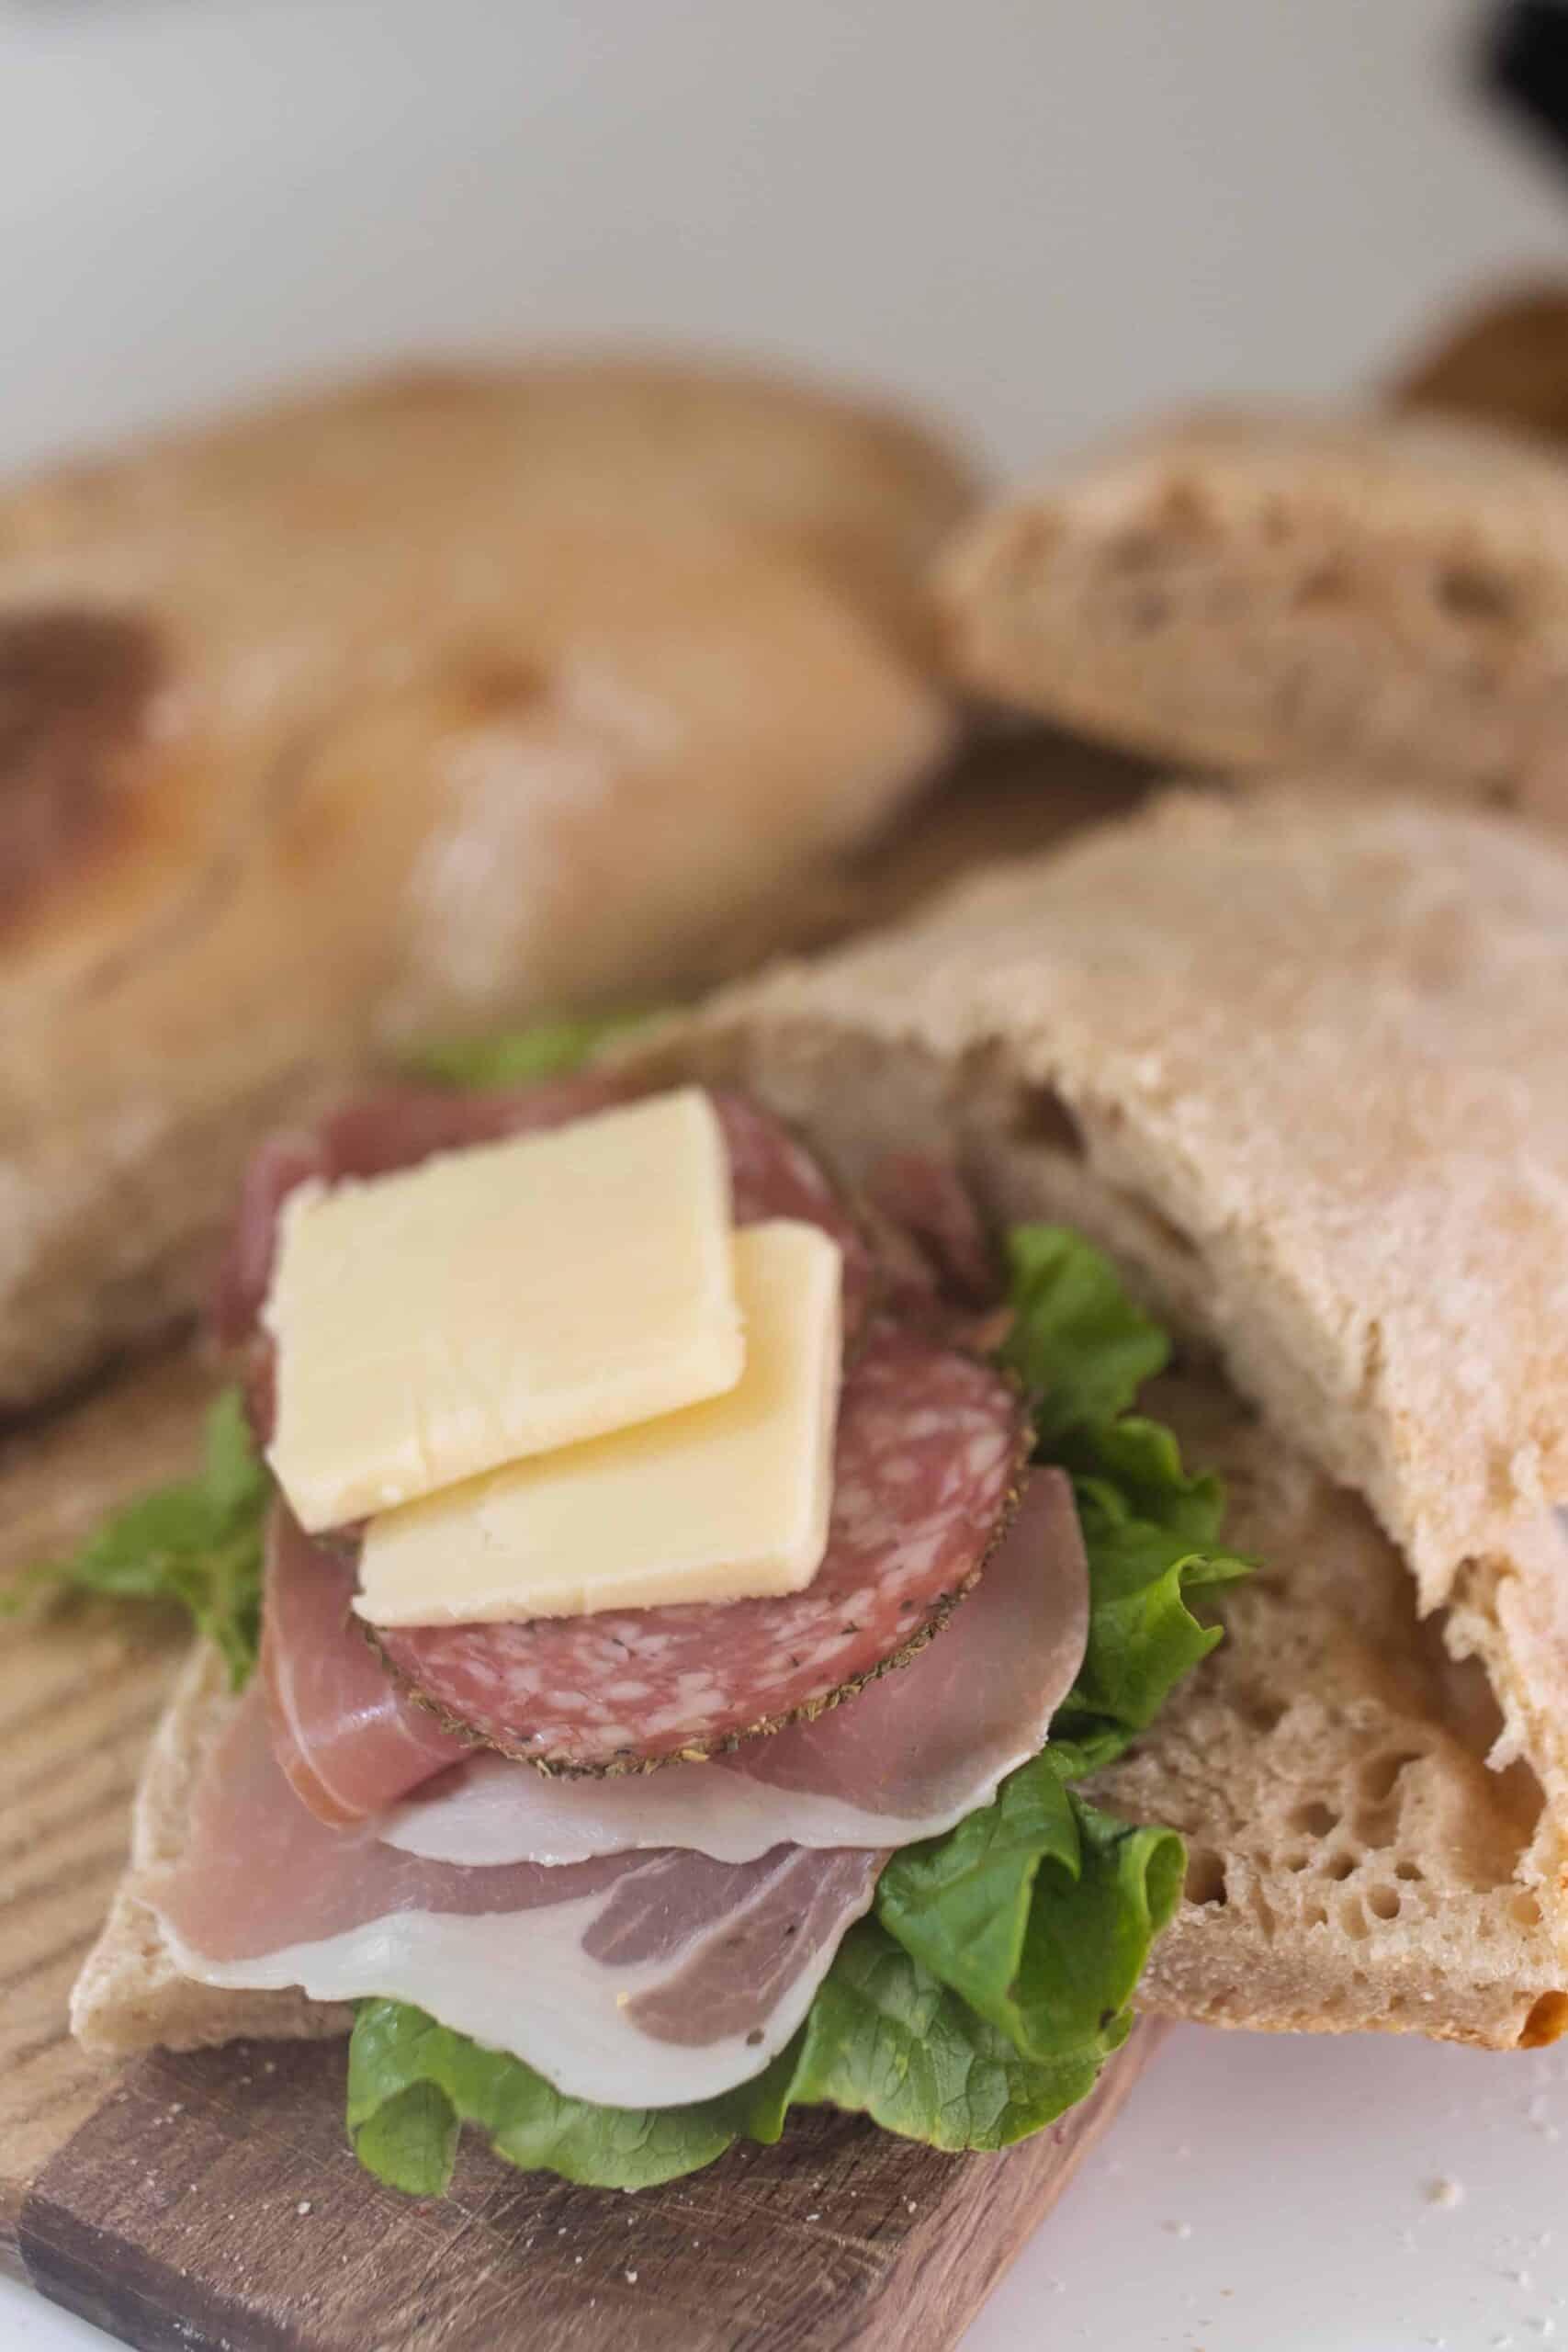 prosciutto, salami, lettuce, and cheese on sourdough ciabatta bread